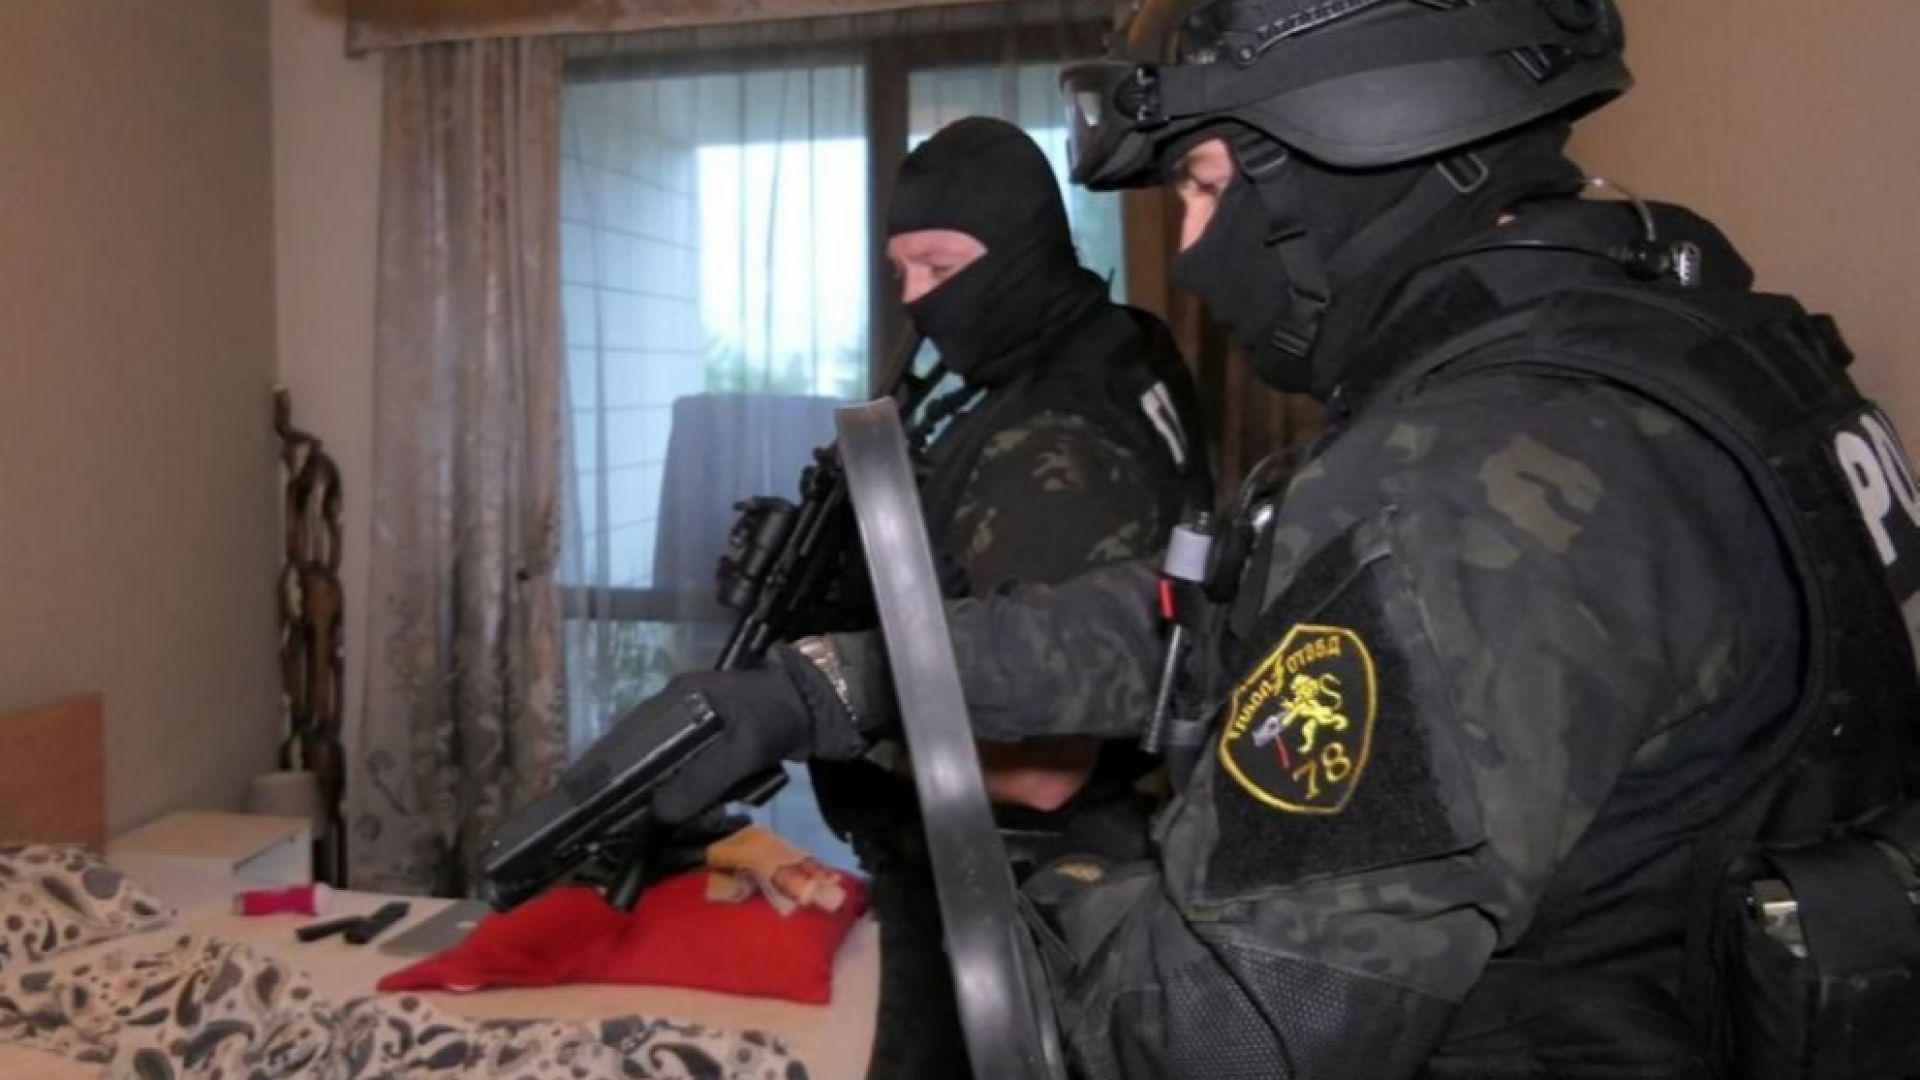 Служителите на ГДБОП са проверили няколко адреса по време на акцията